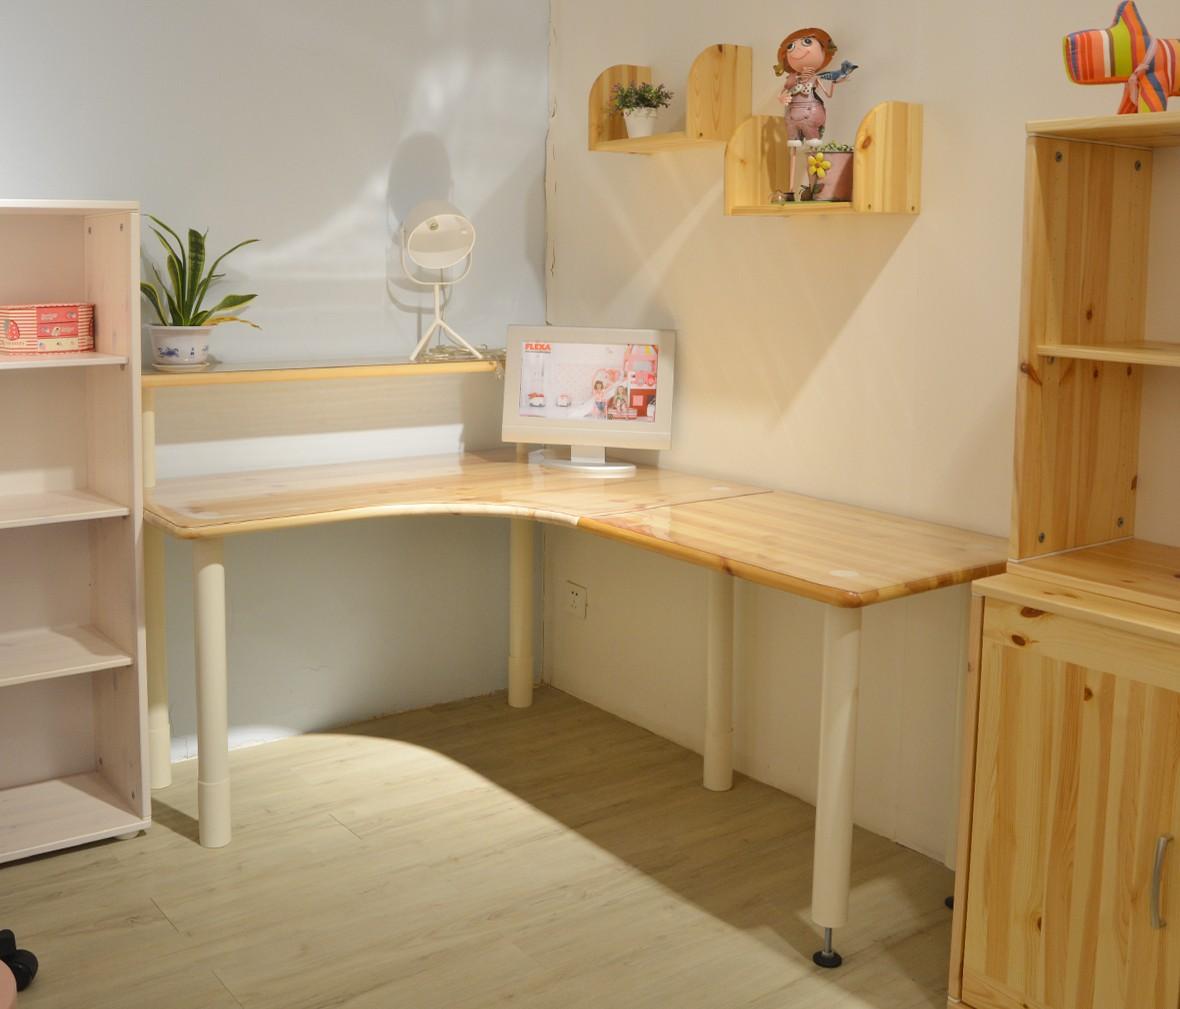 芙莱莎 901-10140-1型号转角书桌 北欧风格儿童实木书桌 商品情景